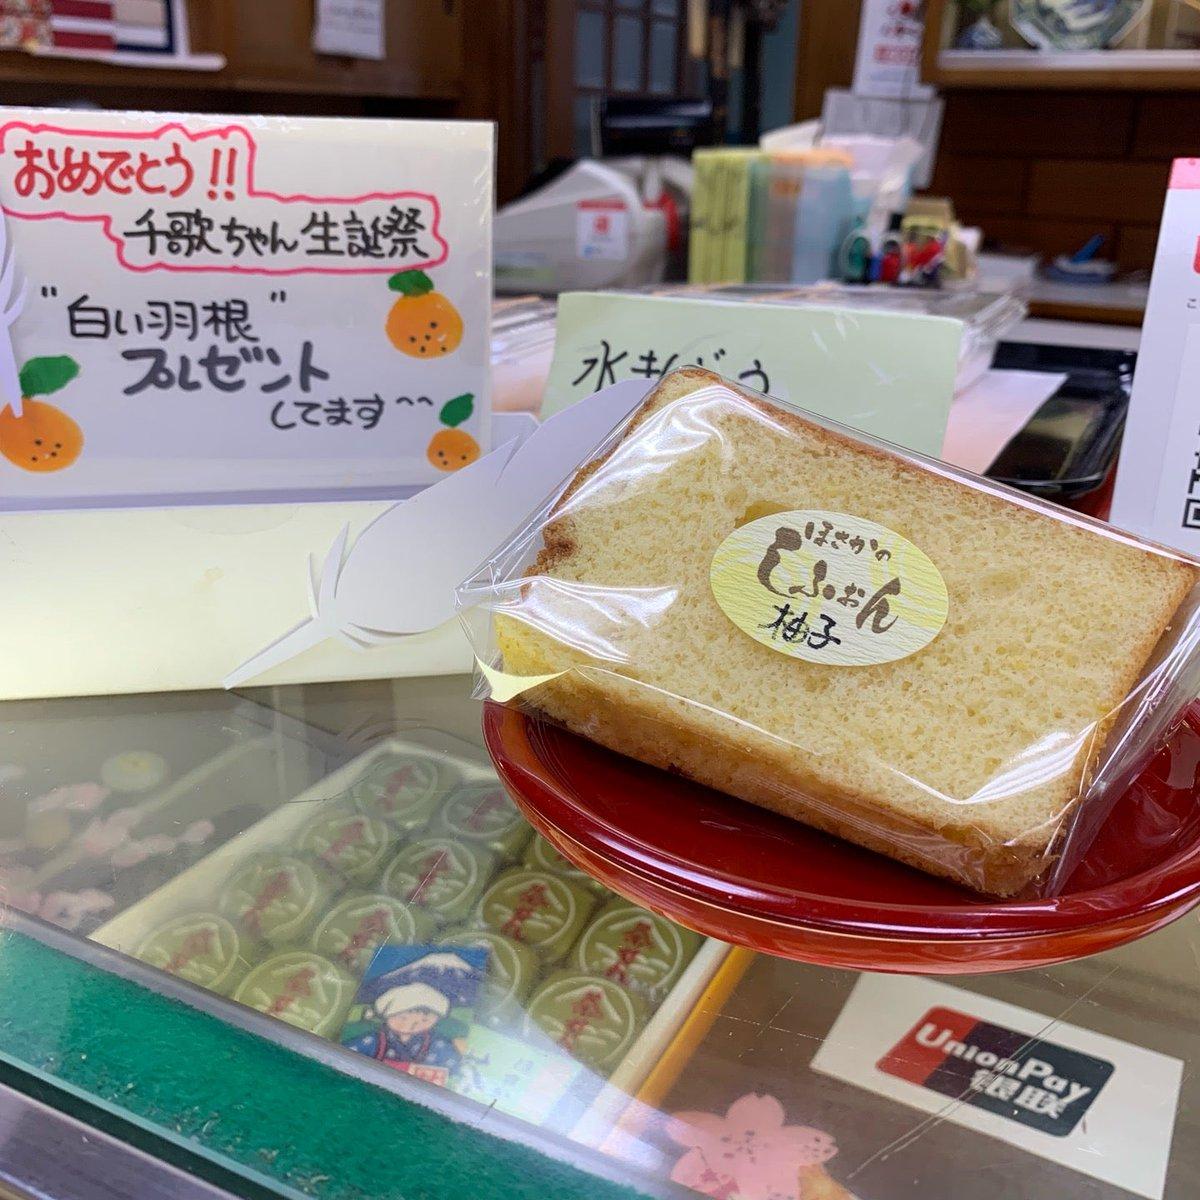 ほさか しふぉん柚子(千歌ちゃん生誕祭)